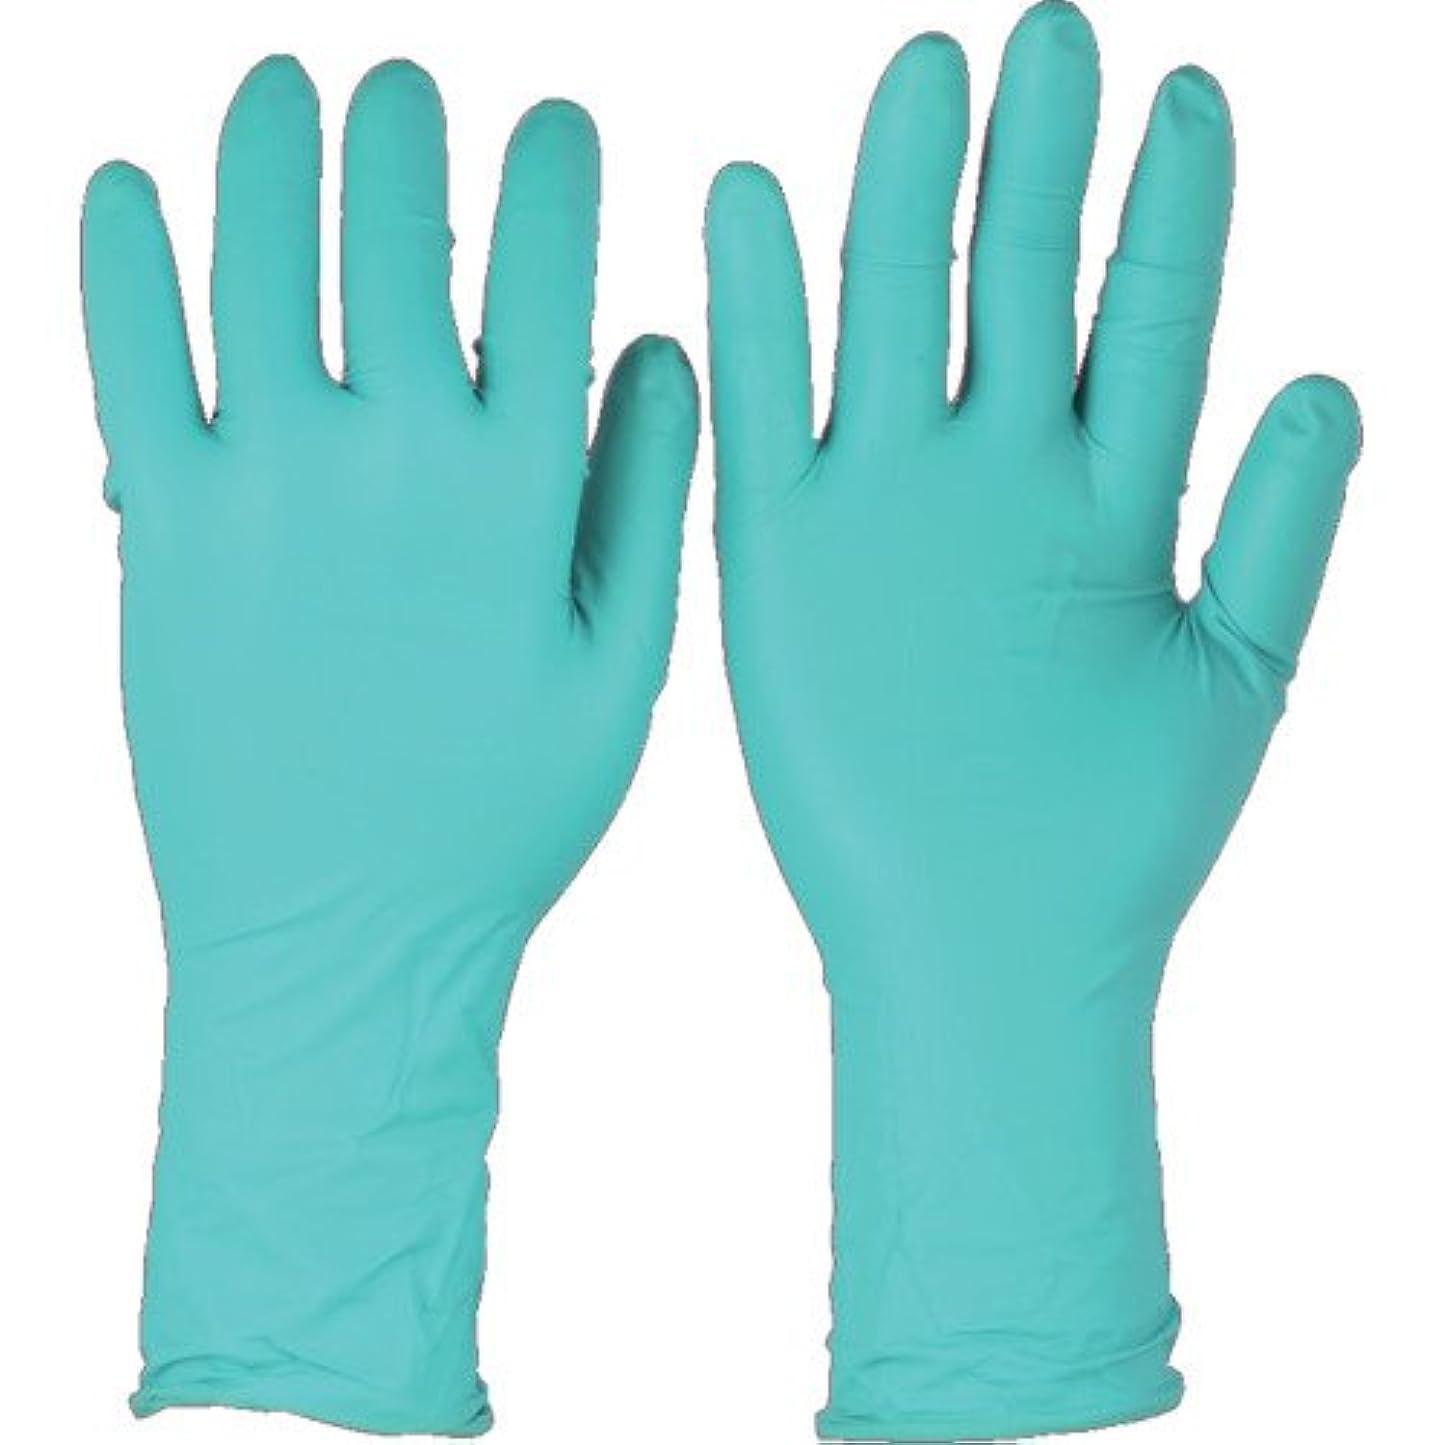 パンサーラグマイナートラスコ中山 アンセル ネオプレンゴム使い捨て手袋 マイクロフレックス 93-260 Sサイズ (50枚入)  932607